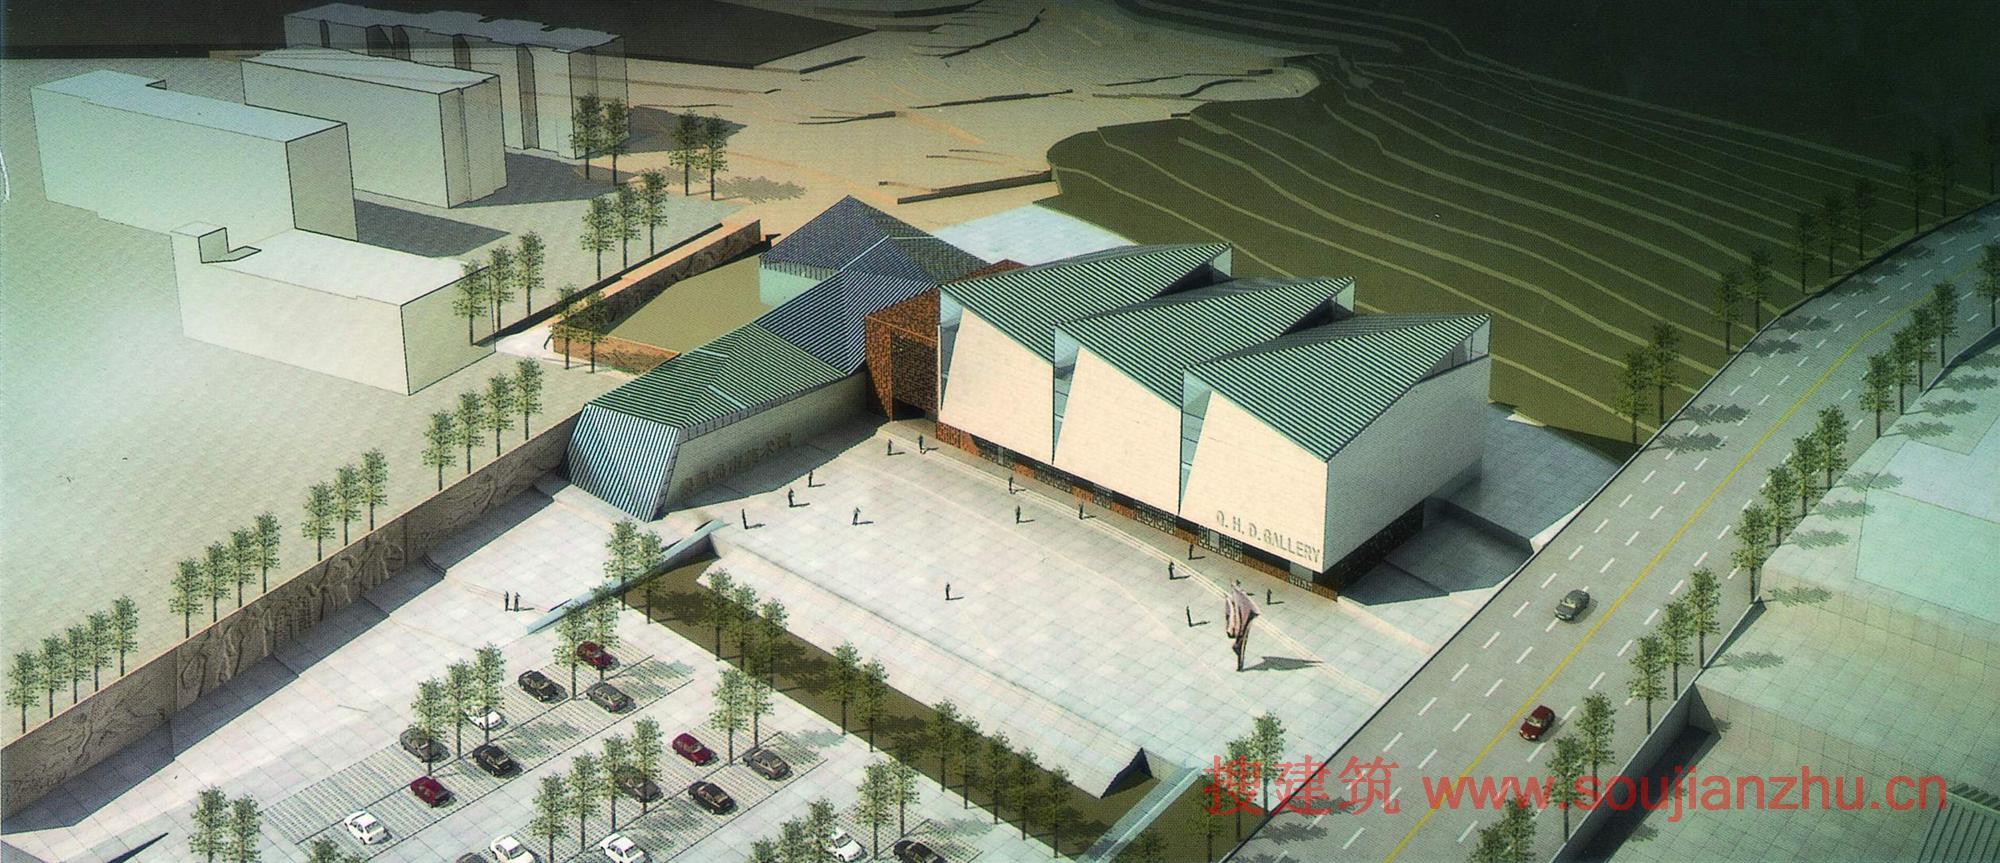 秦皇岛·美术馆方案 搜建筑网公共建筑设计资料中心